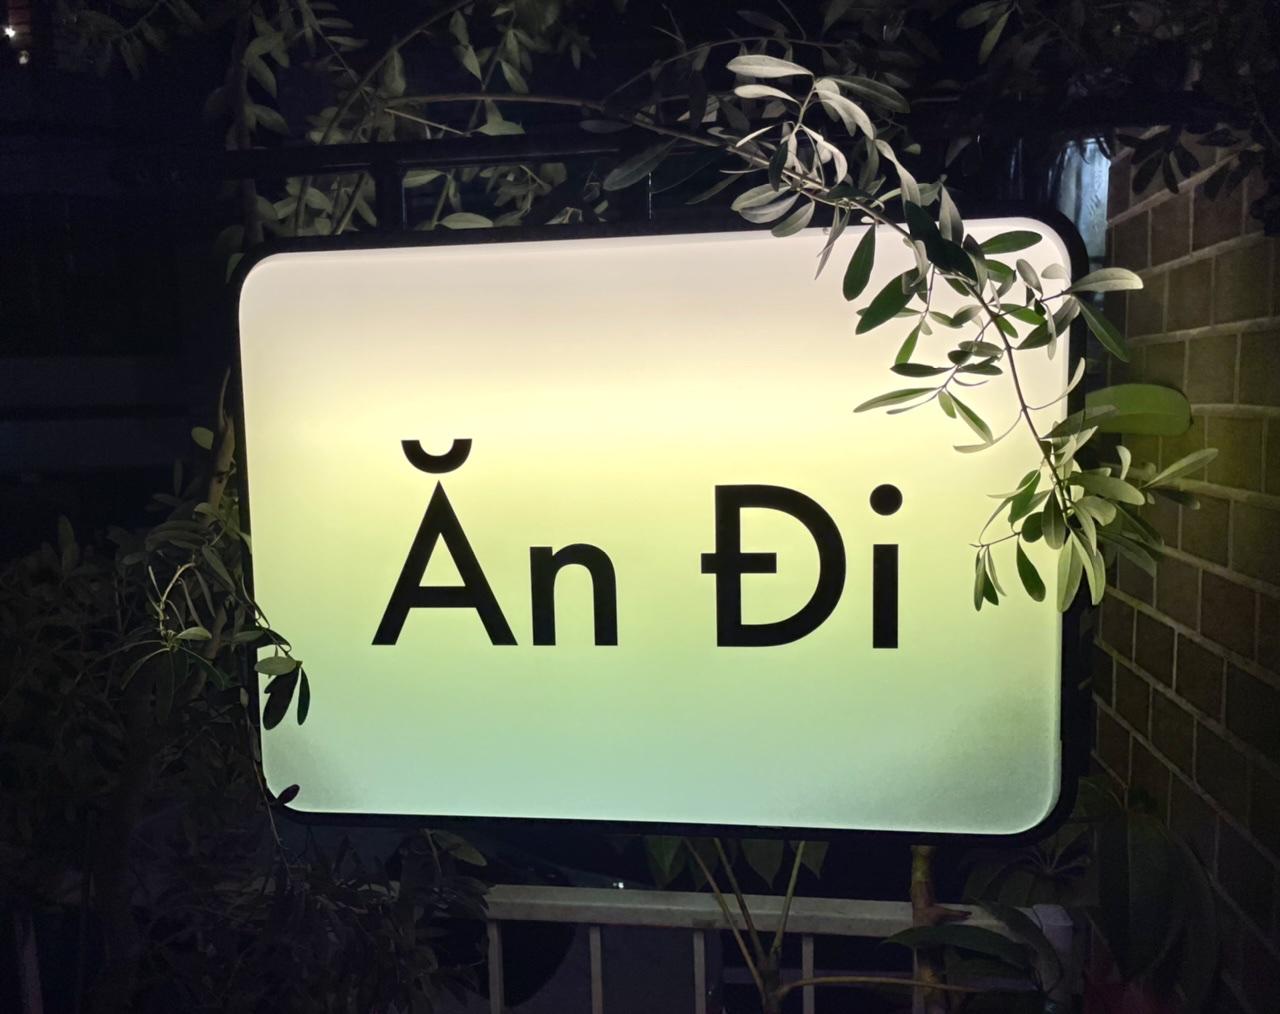 超おすすめ【予約困難店】外苑前に佇むモダンベトナムレストラン『Ăn Đi』_1